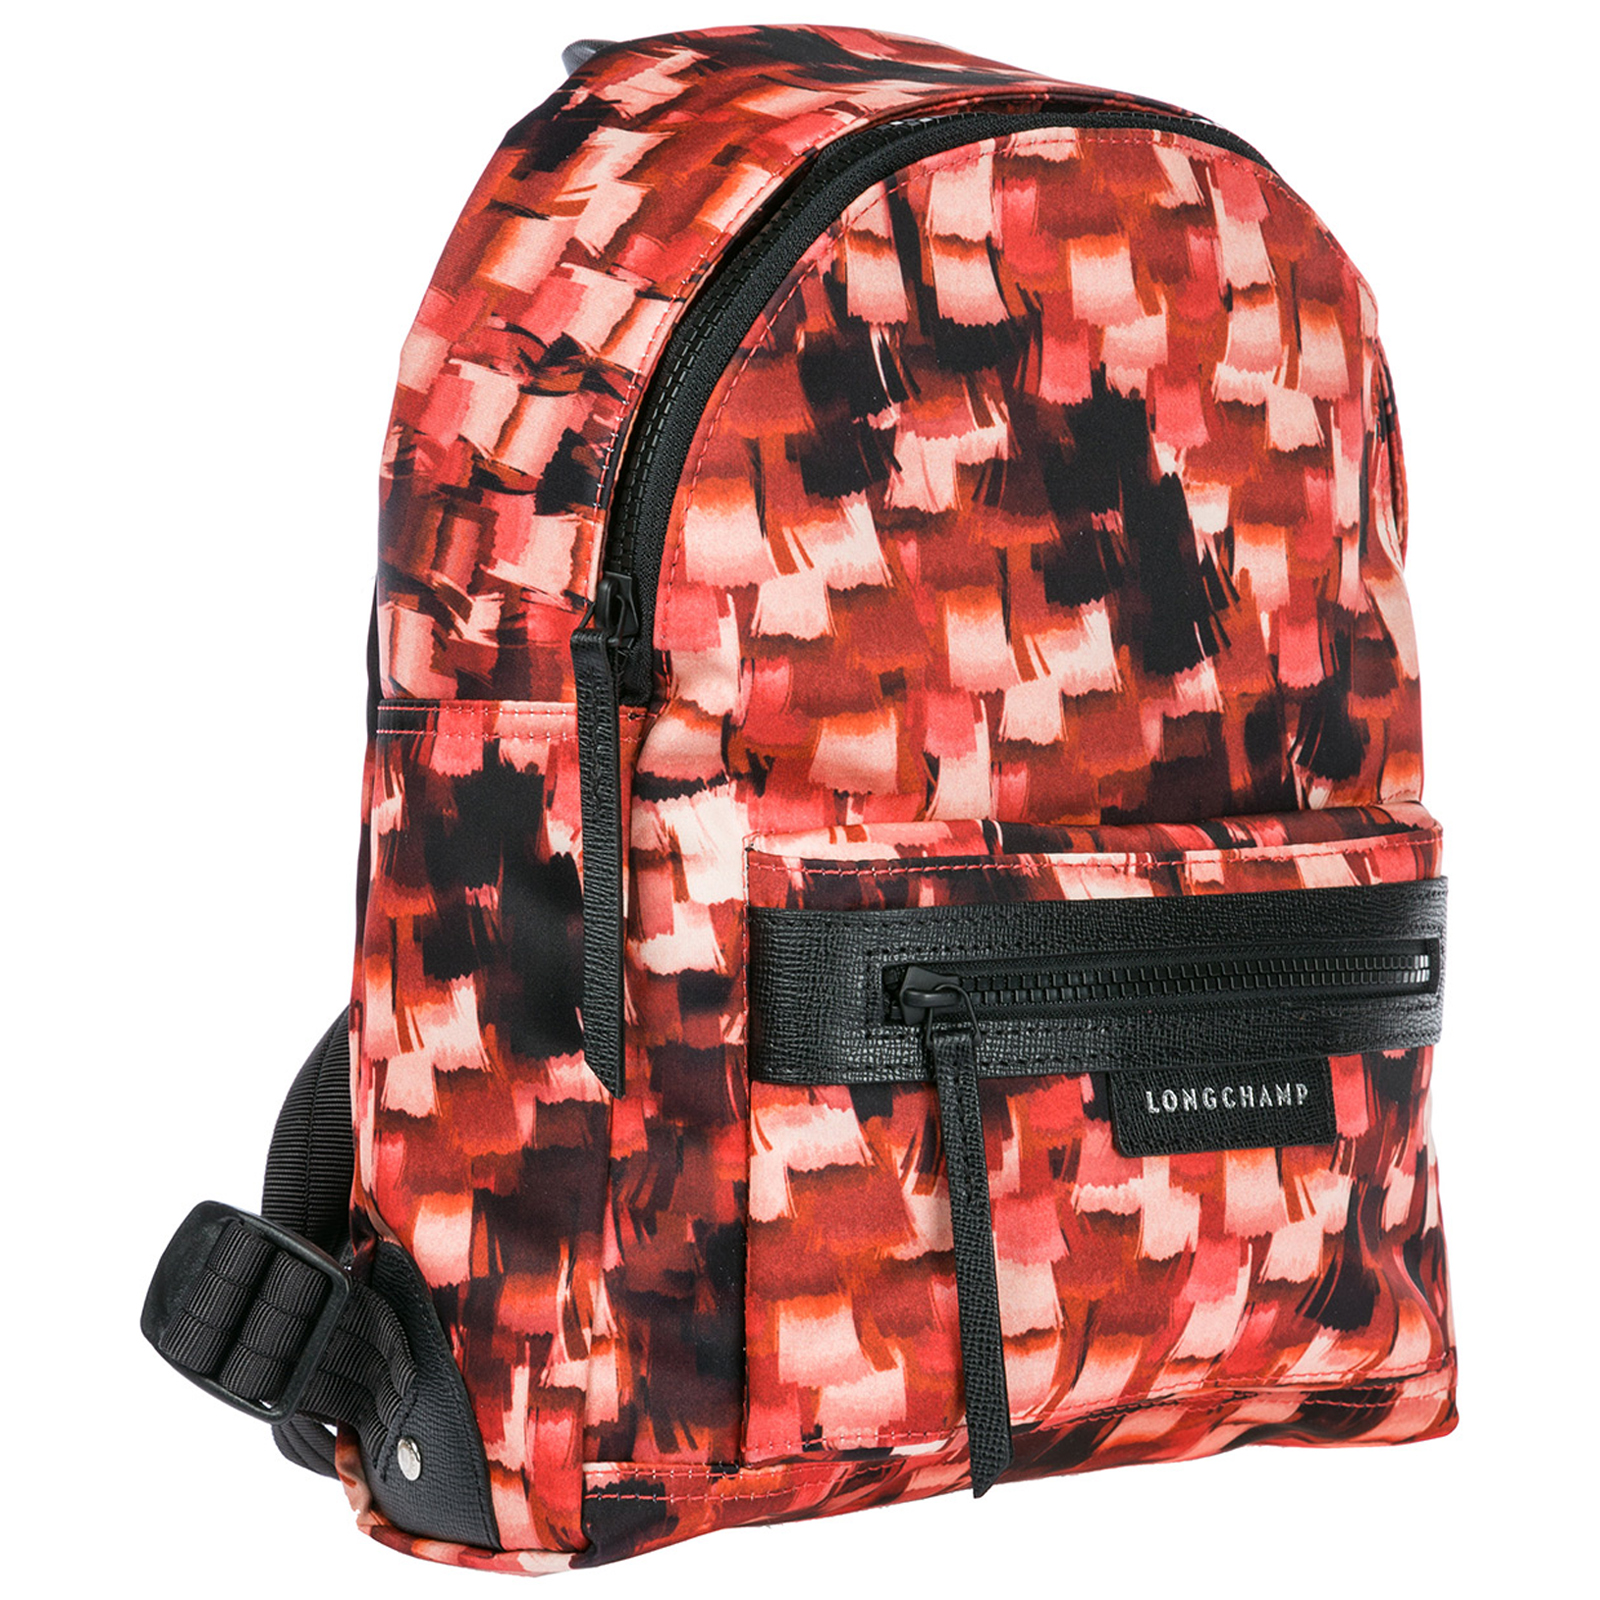 26e572478444 Women s rucksack backpack travel Women s rucksack backpack travel Women s  rucksack backpack travel ...